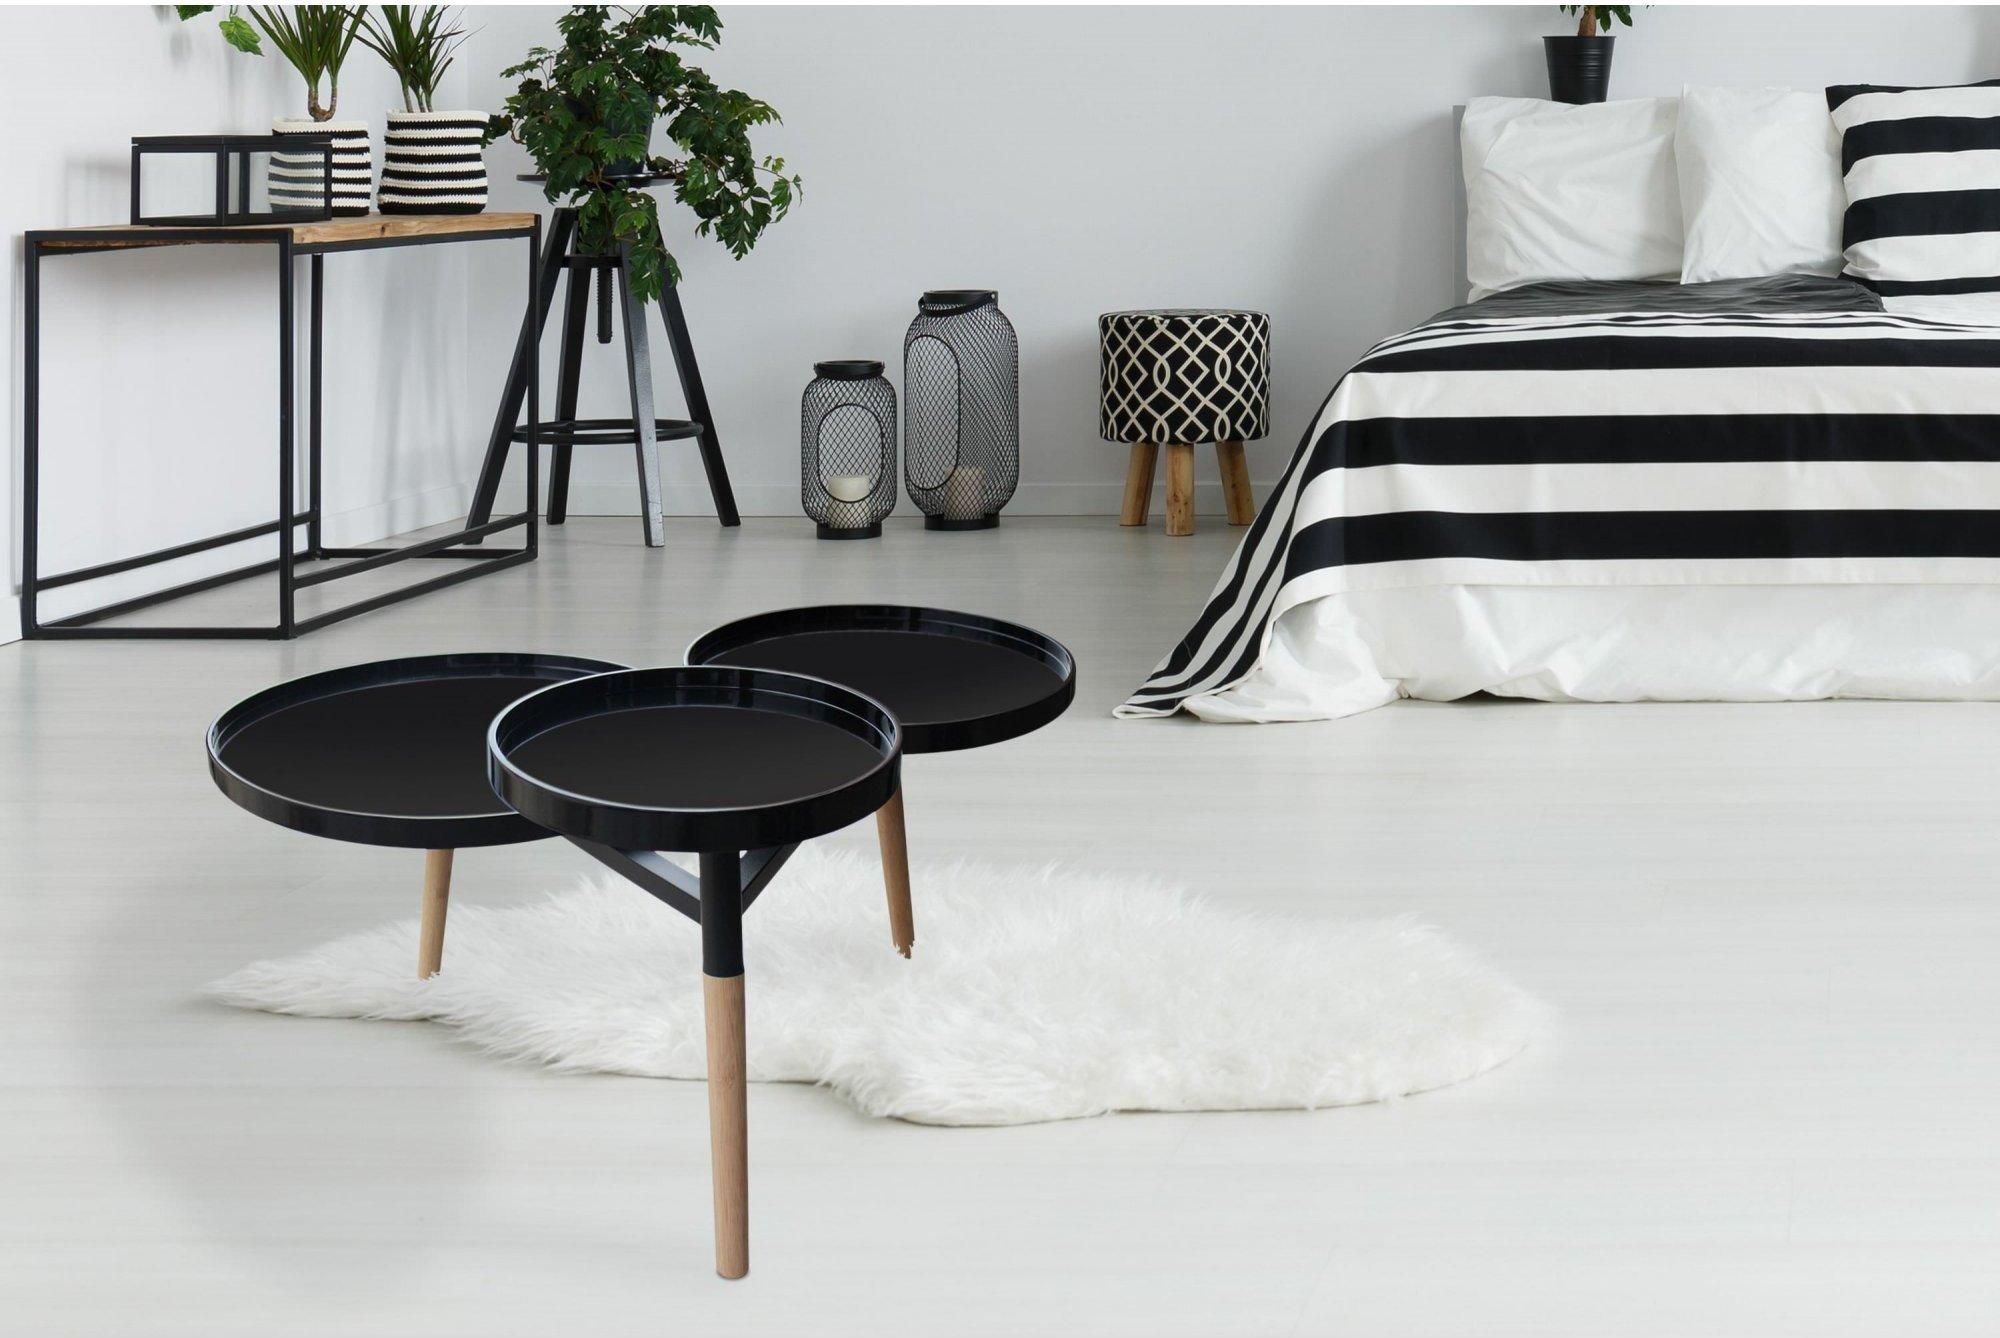 Table basse design 3 palteaux noir pieds bois clair